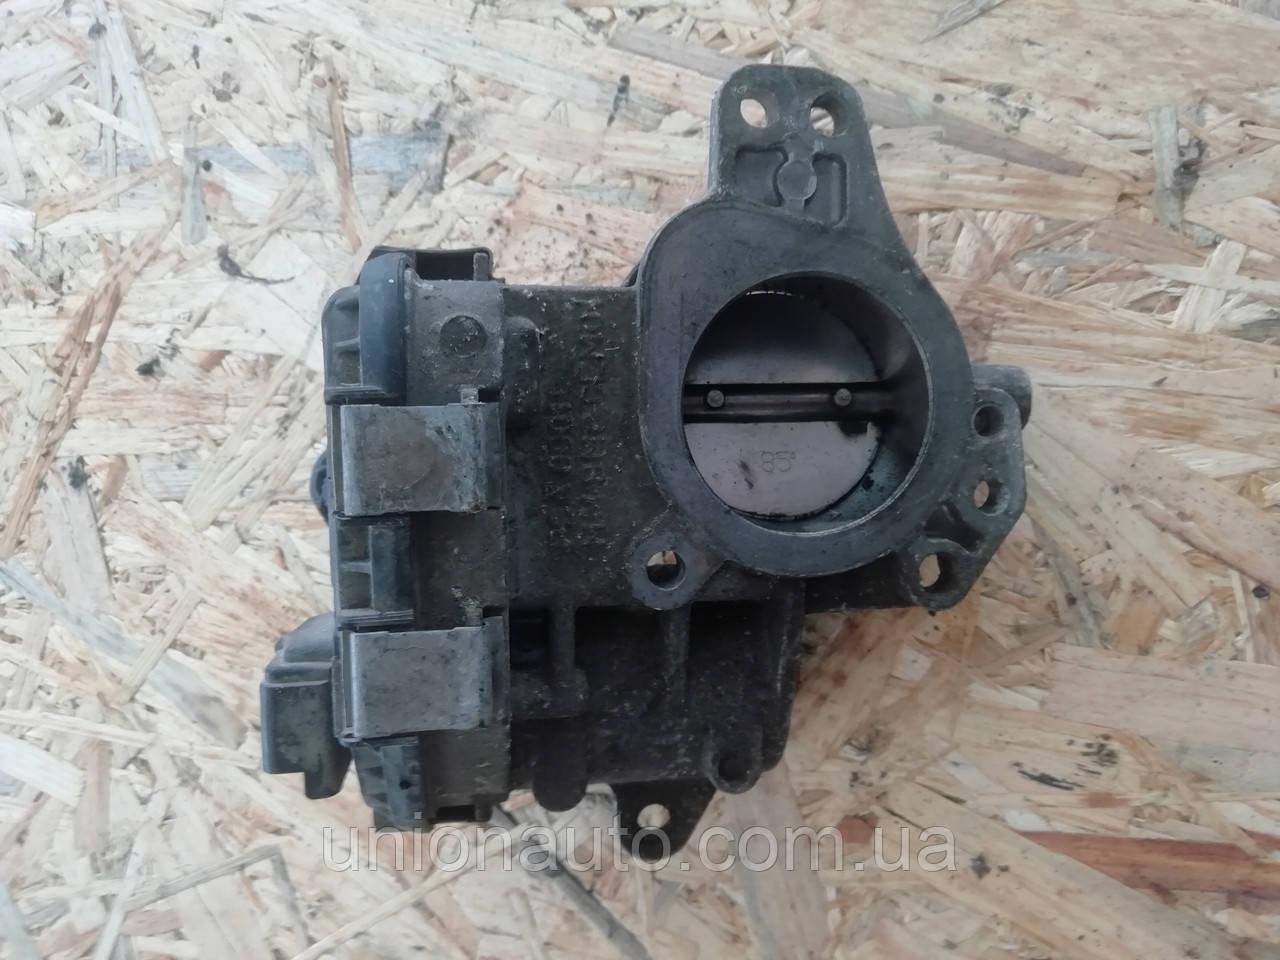 Дроссельная заслонка  FIAT FIORINO III 1.4 9685879480